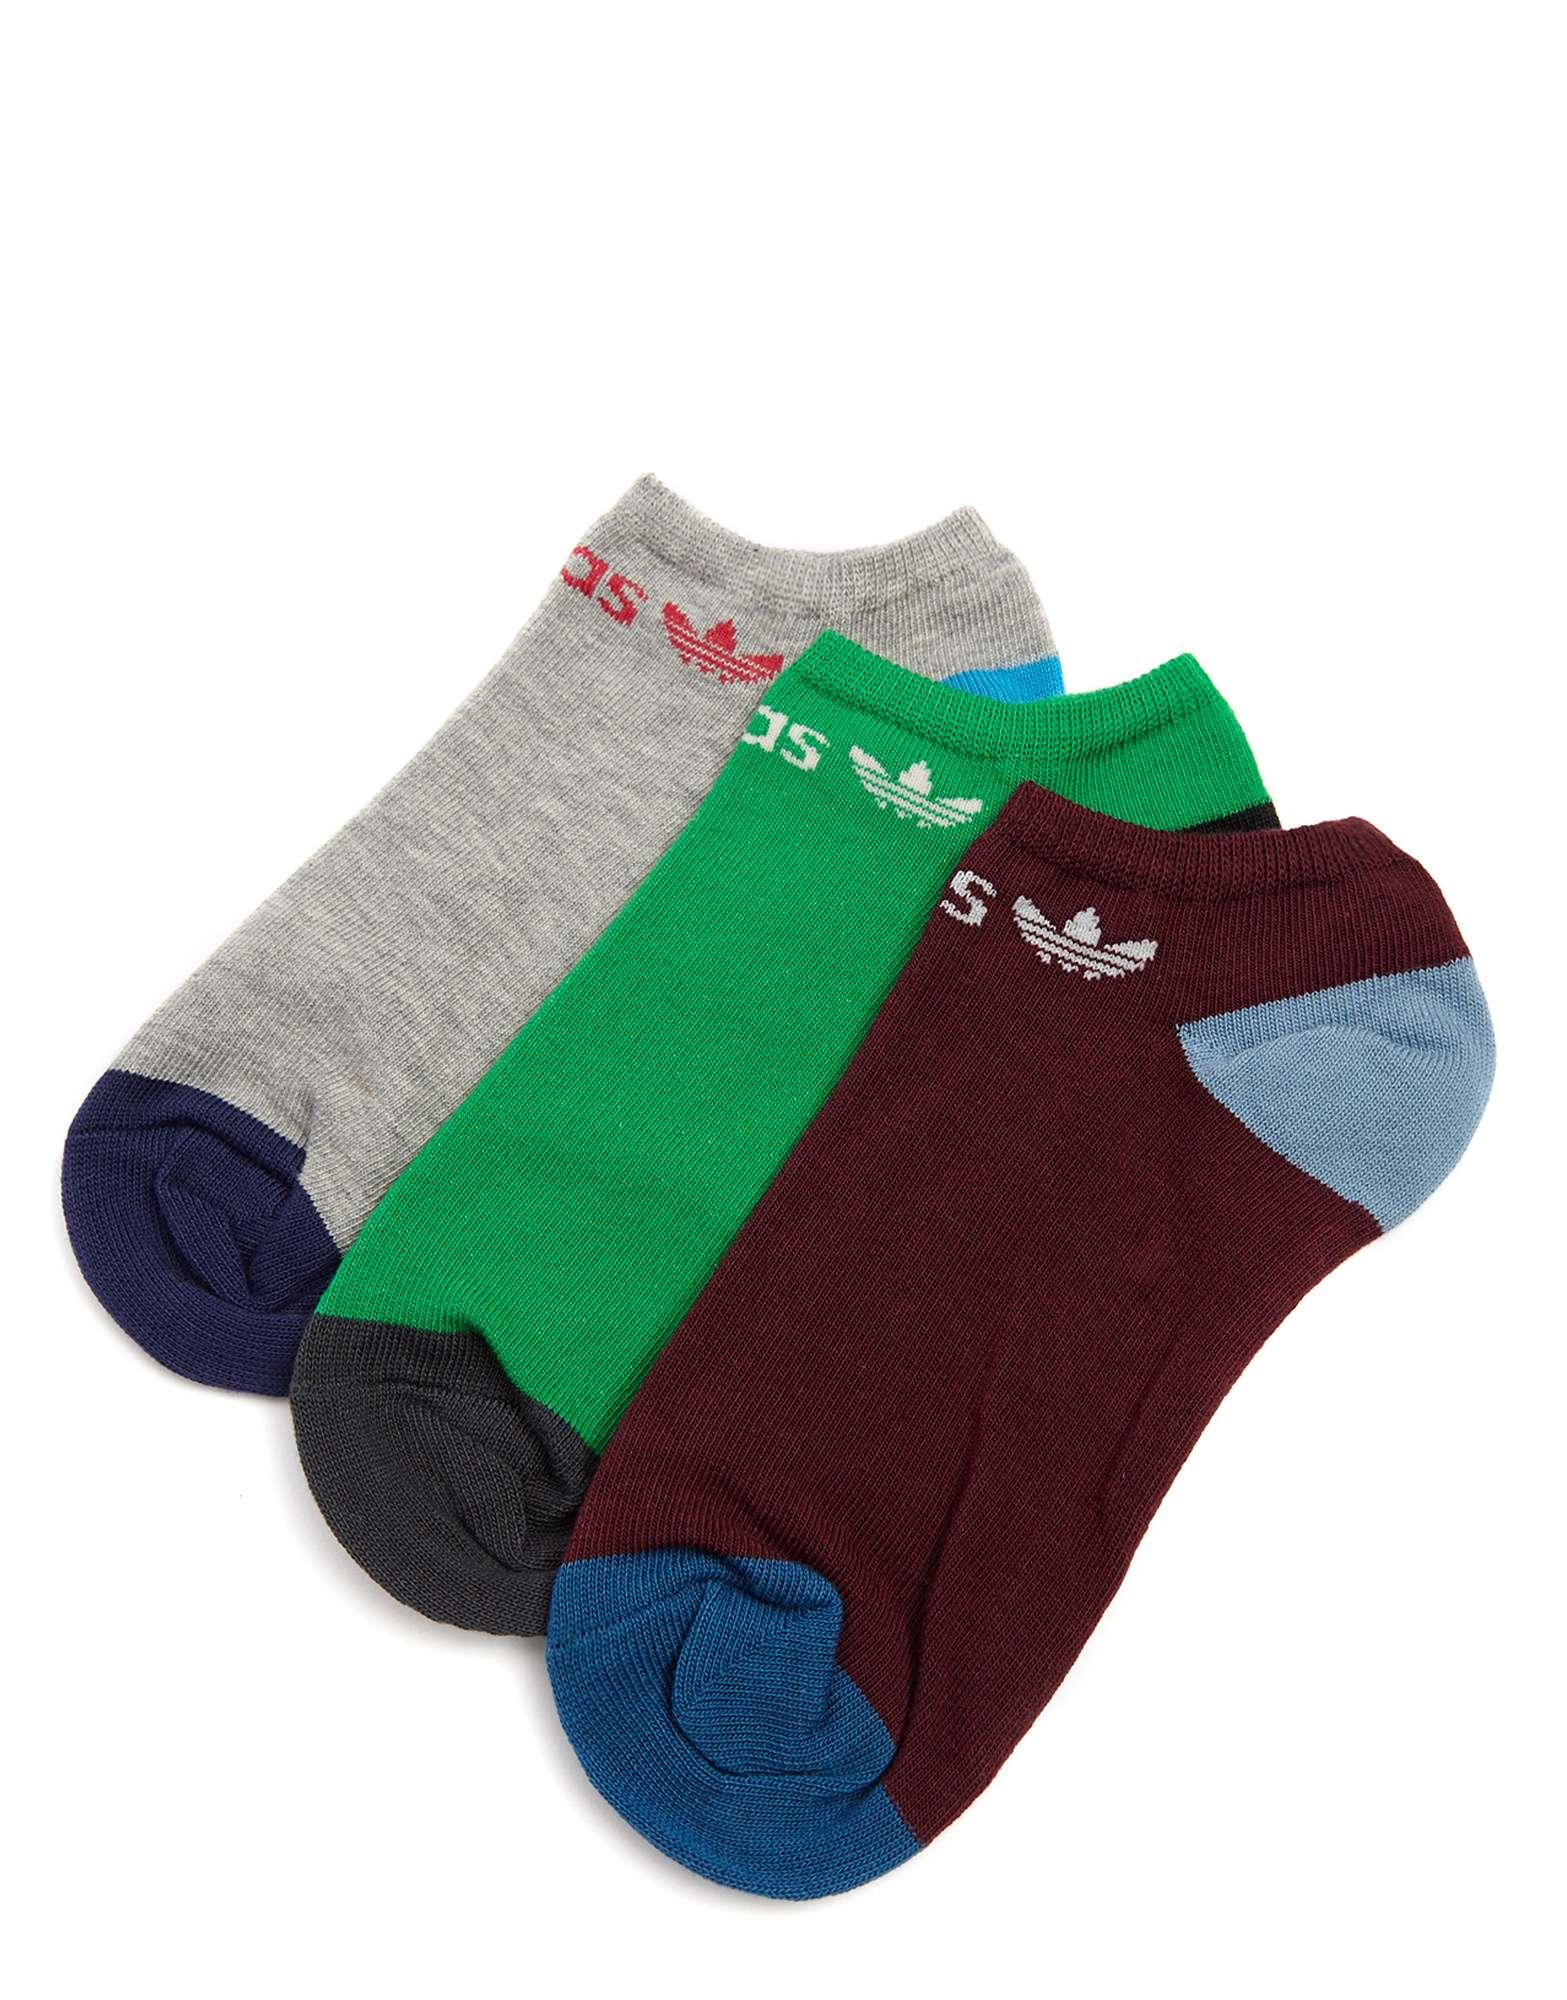 adidas Originals 3 Pack Trainer Socks